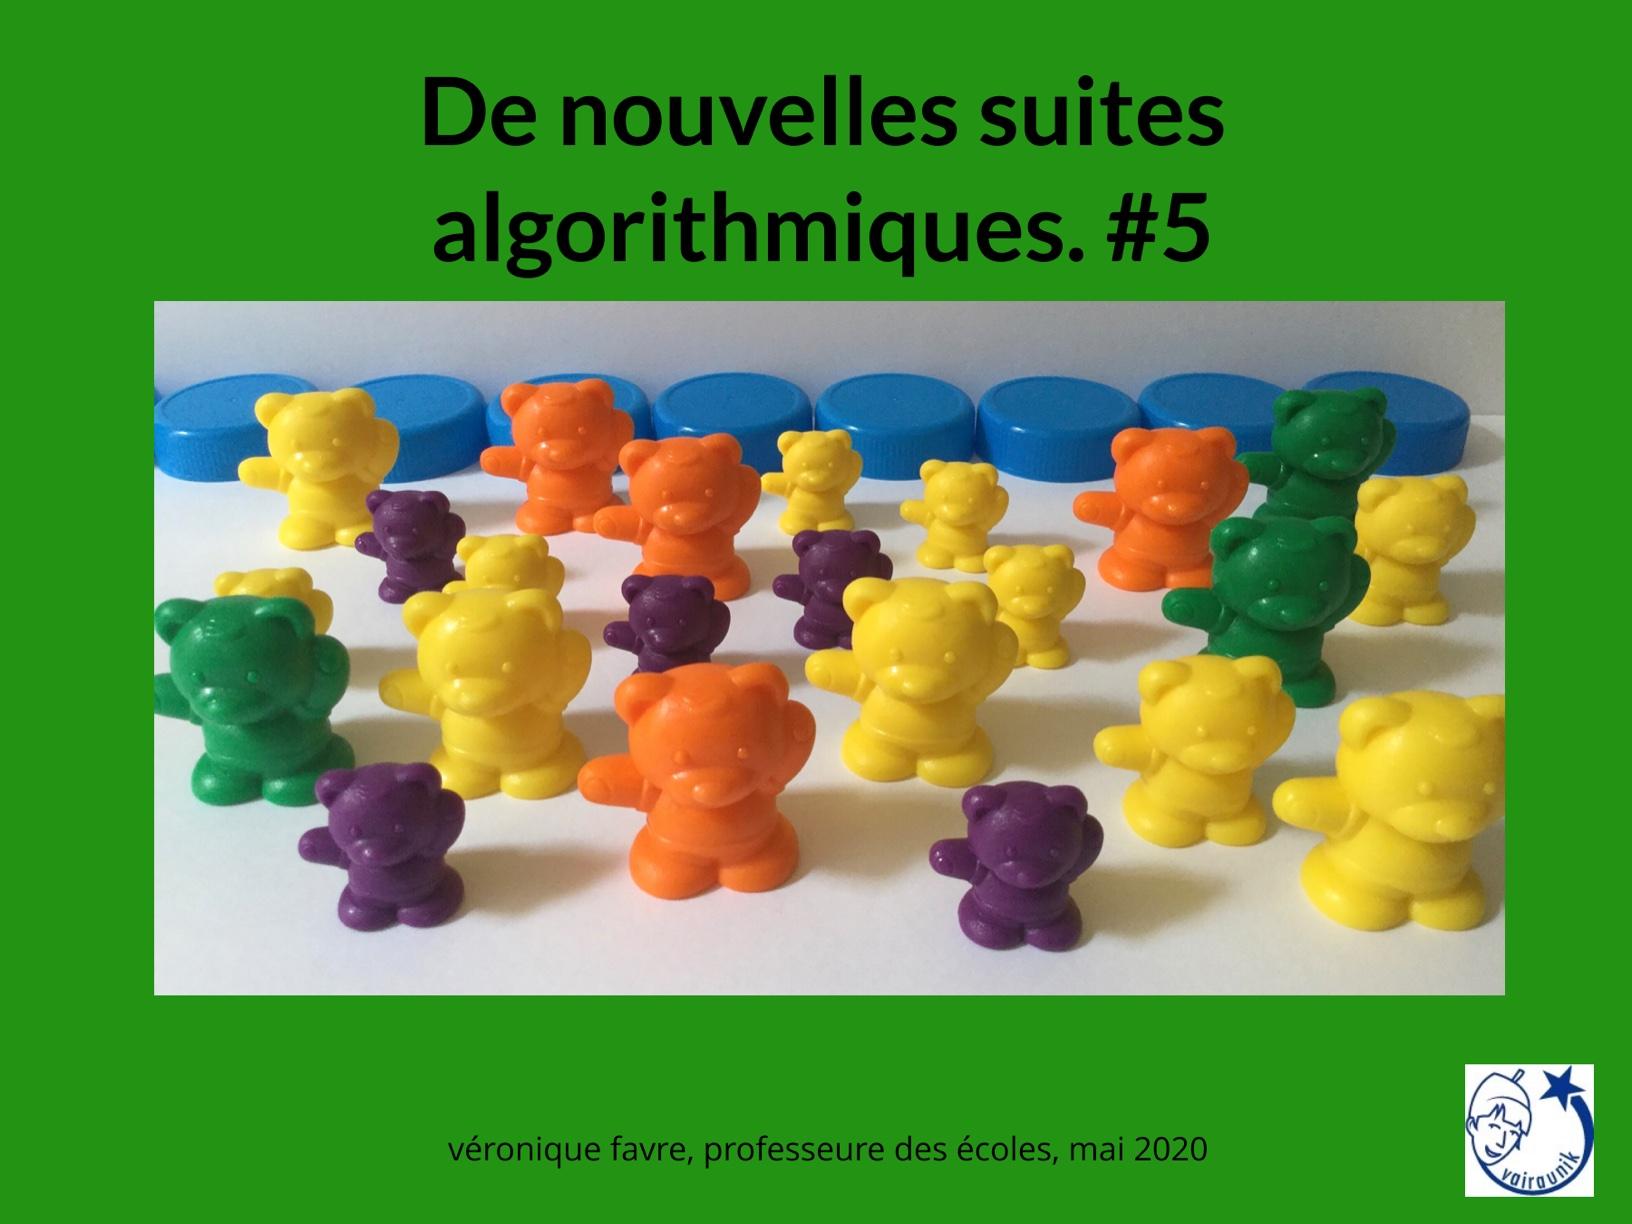 Suites algorithmiques #5